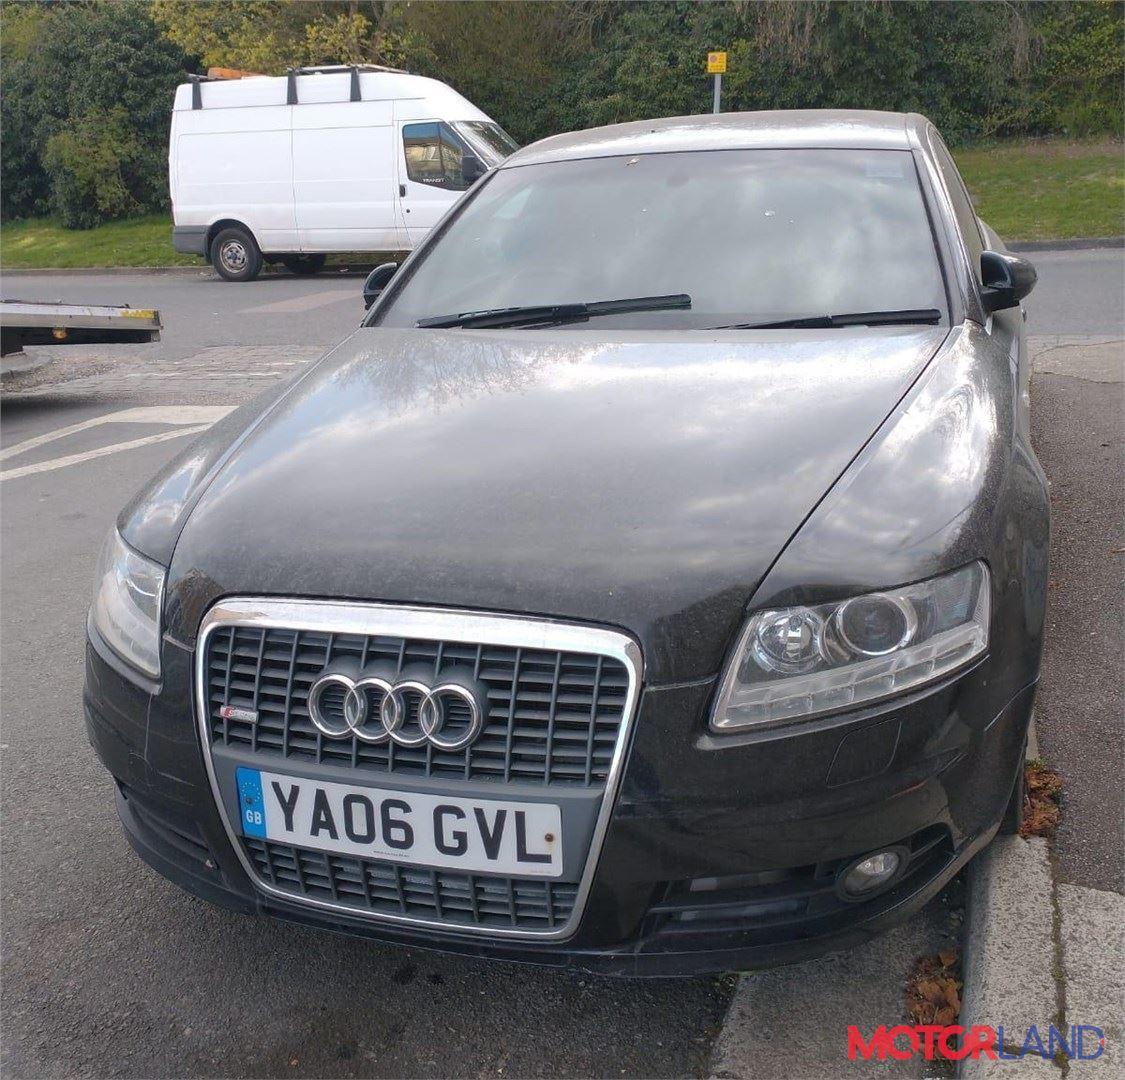 Audi A6 (C6) 2005-2011, разборочный номер T21014 #1